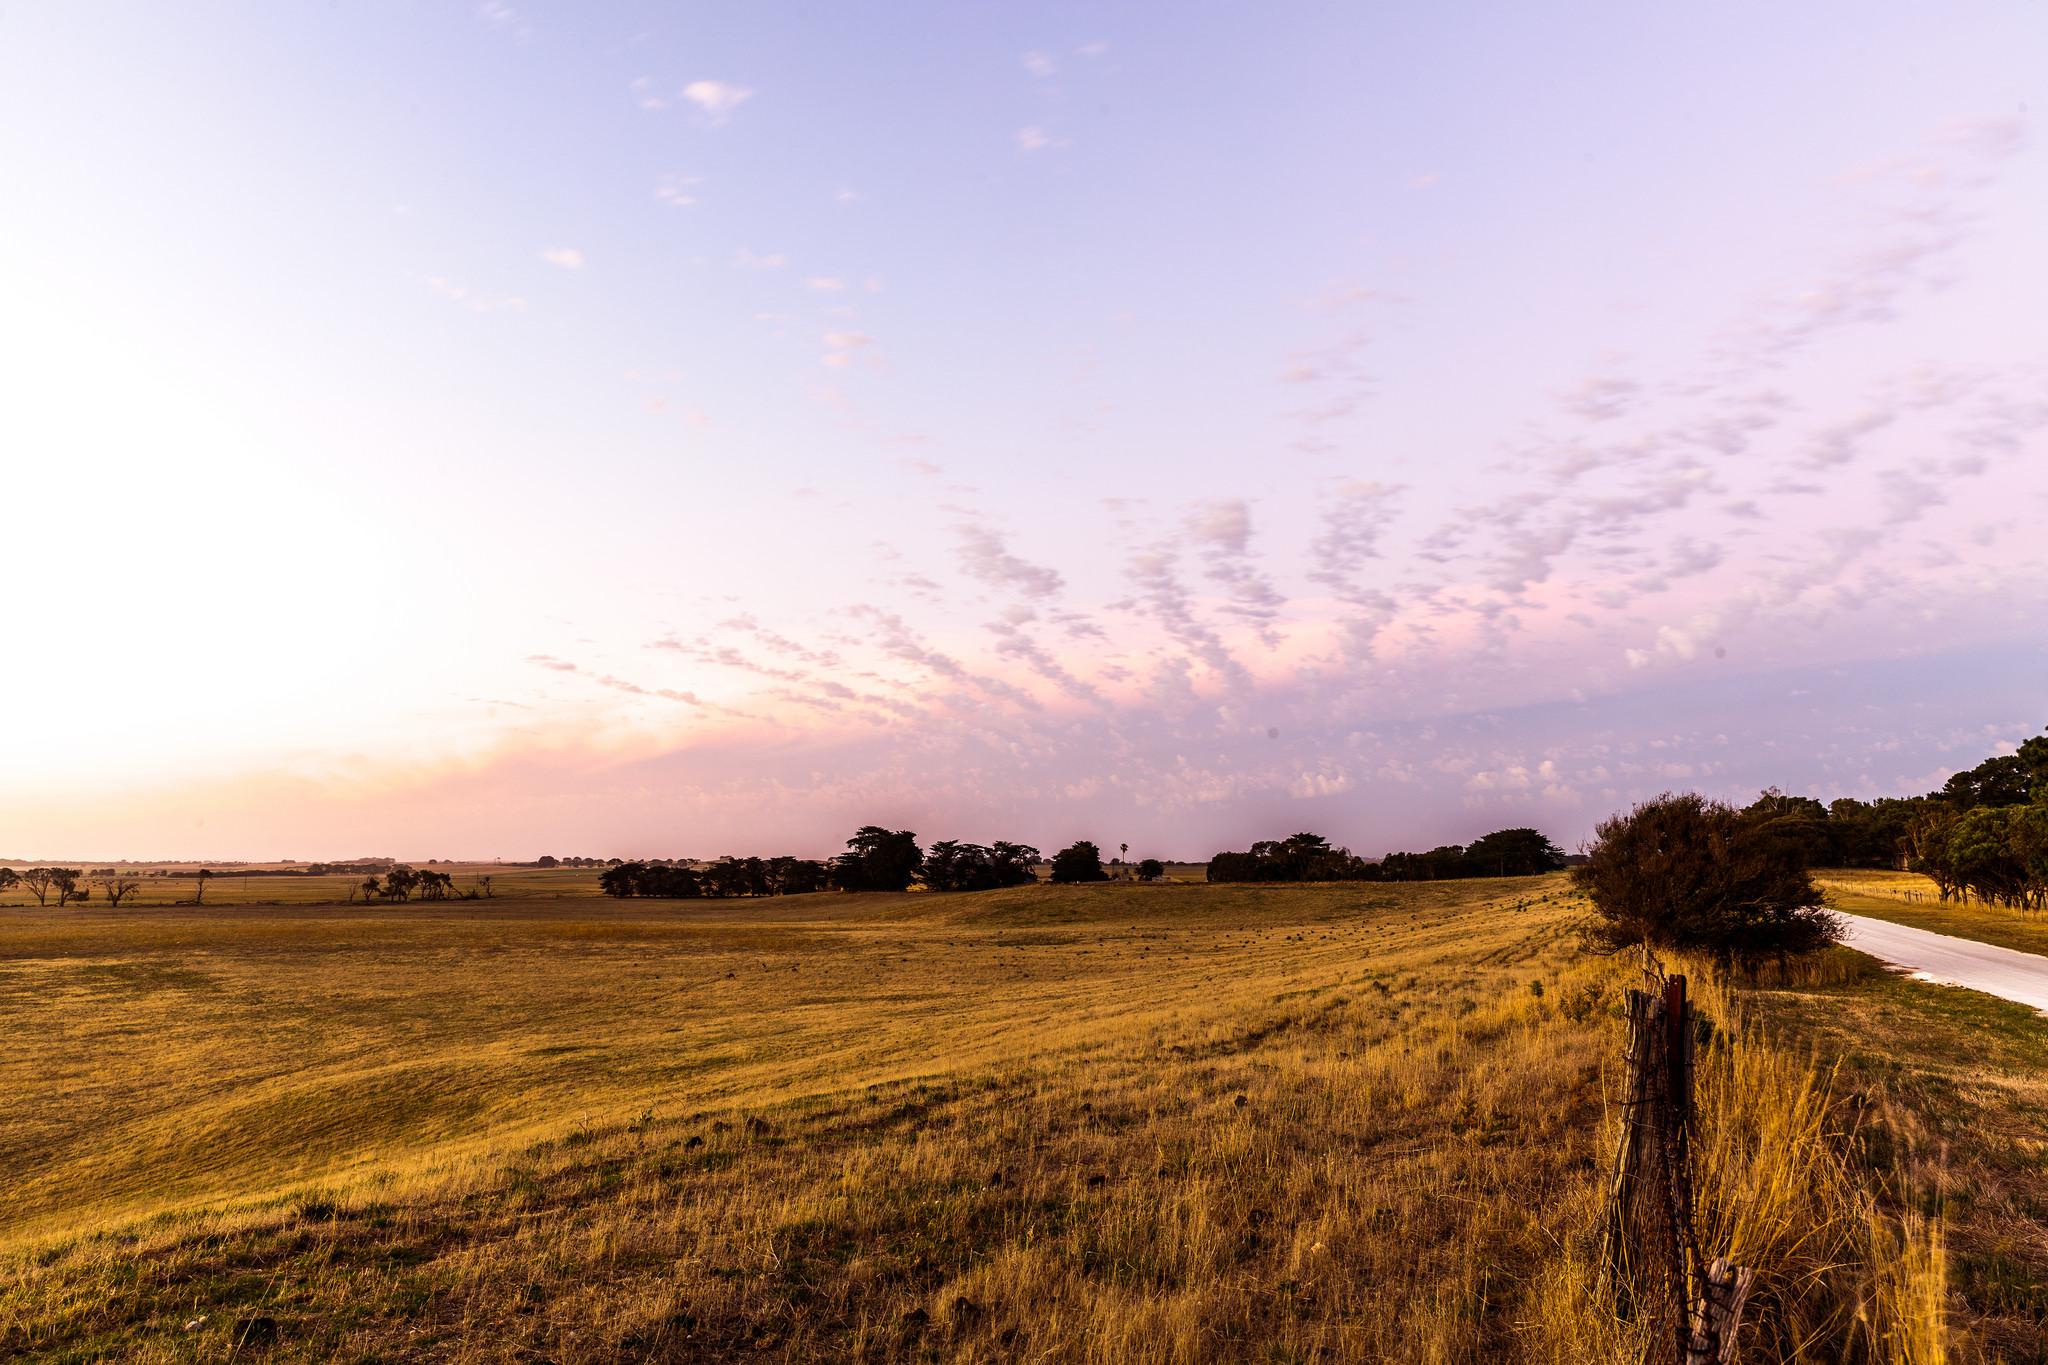 Dry grassland farmland